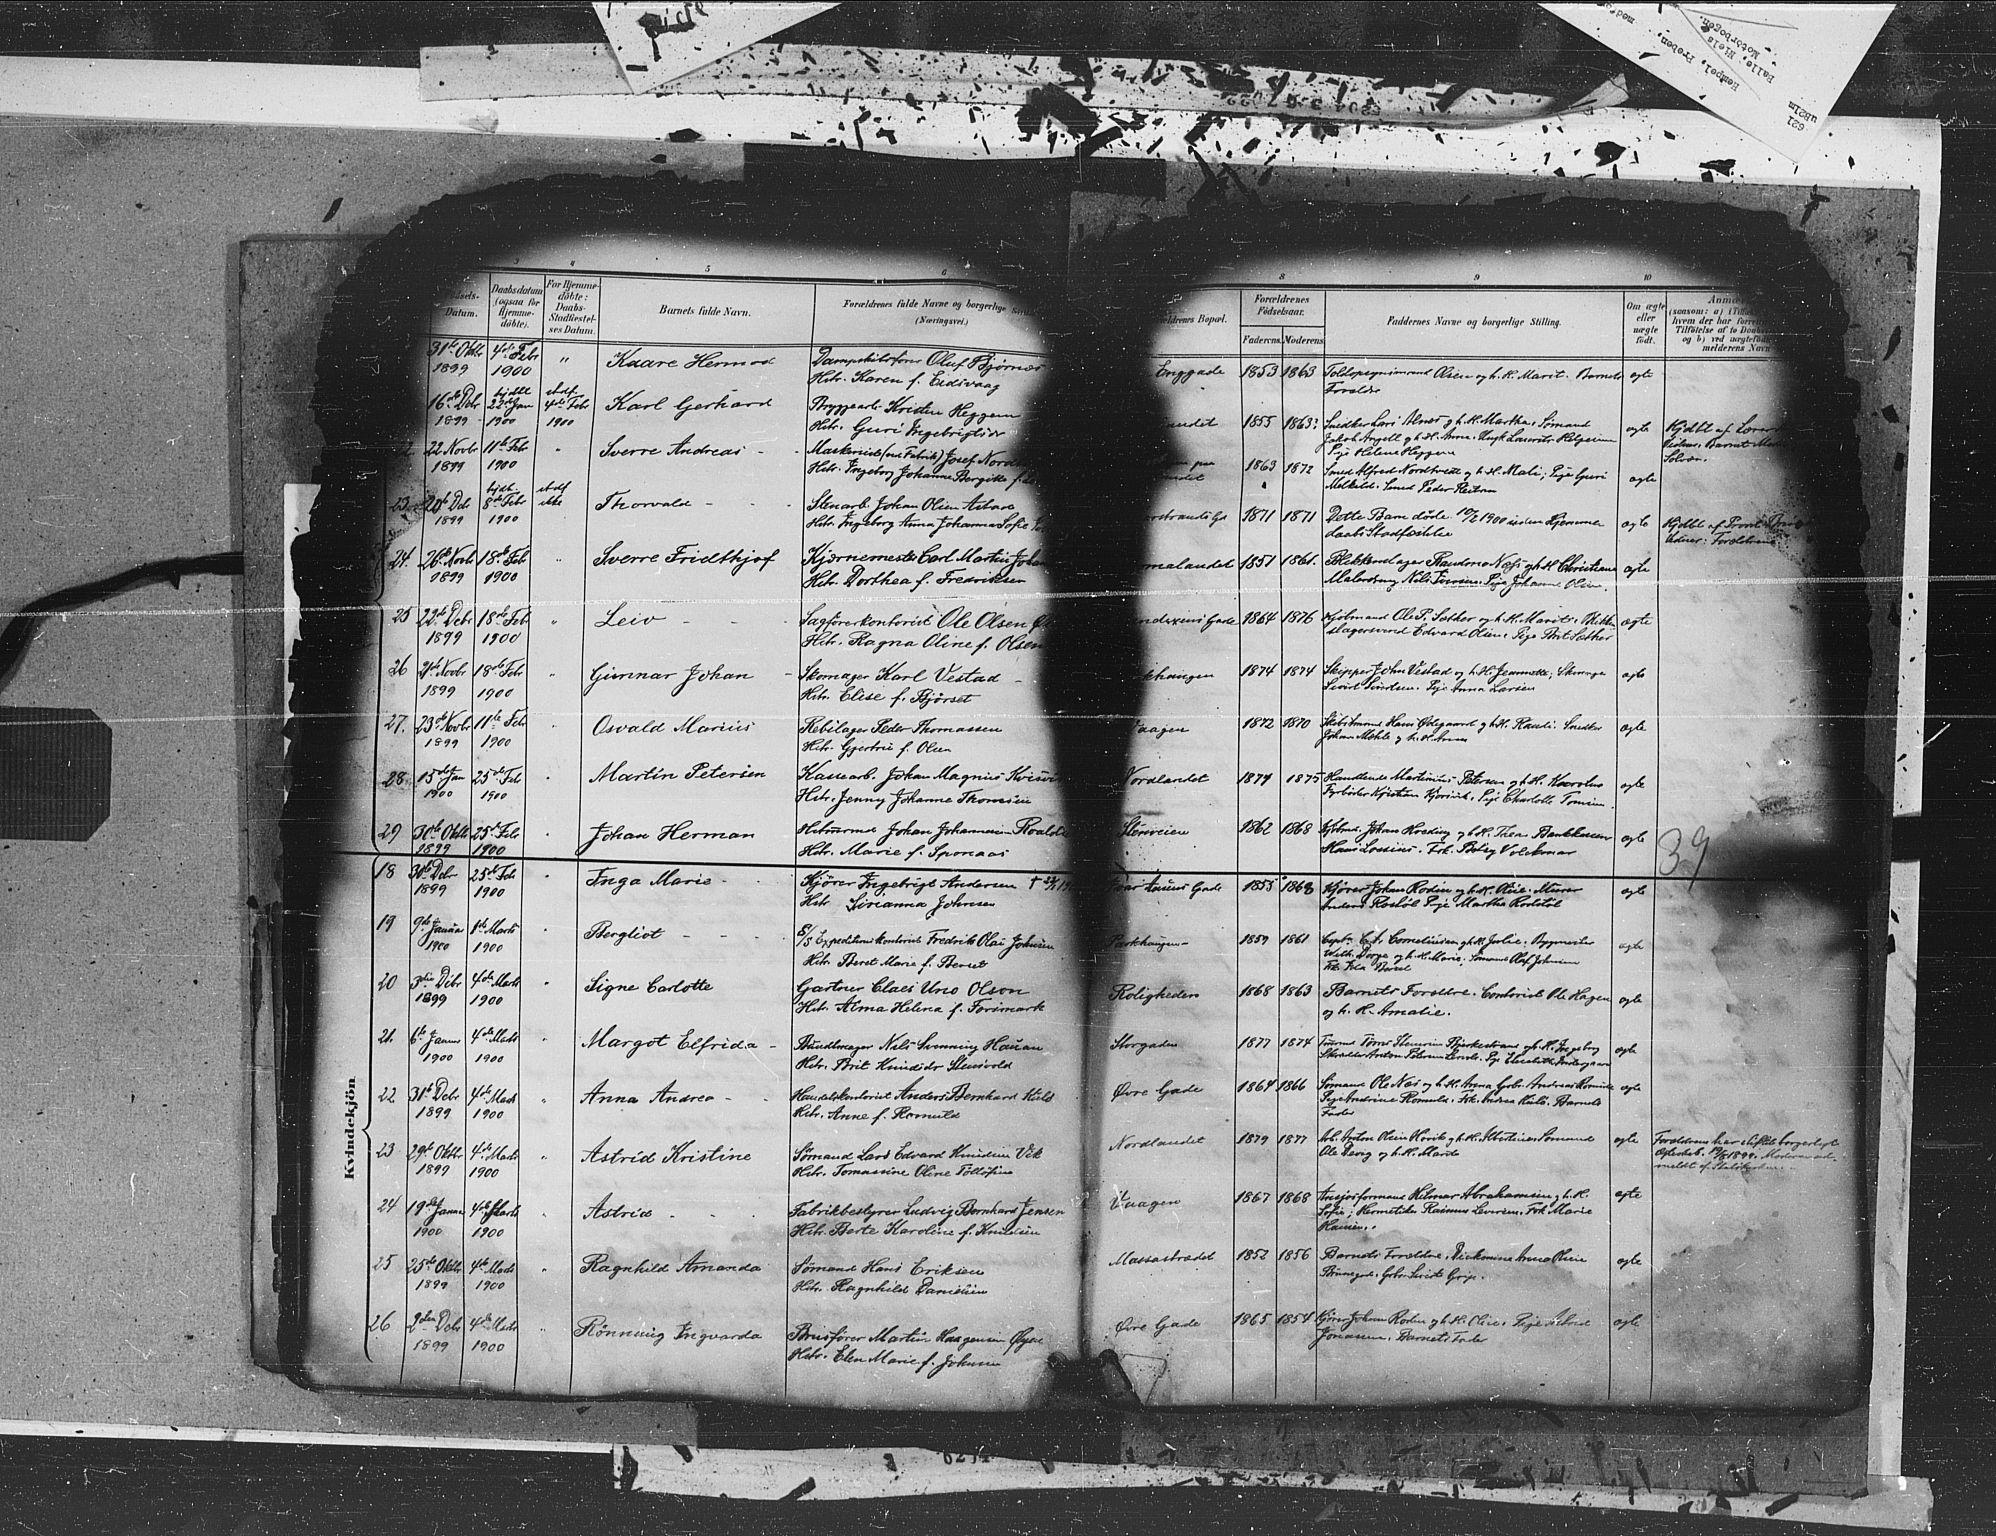 SAT, Ministerialprotokoller, klokkerbøker og fødselsregistre - Møre og Romsdal, 572/L0855: Ministerialbok nr. 572A18, 1898-1913, s. 39